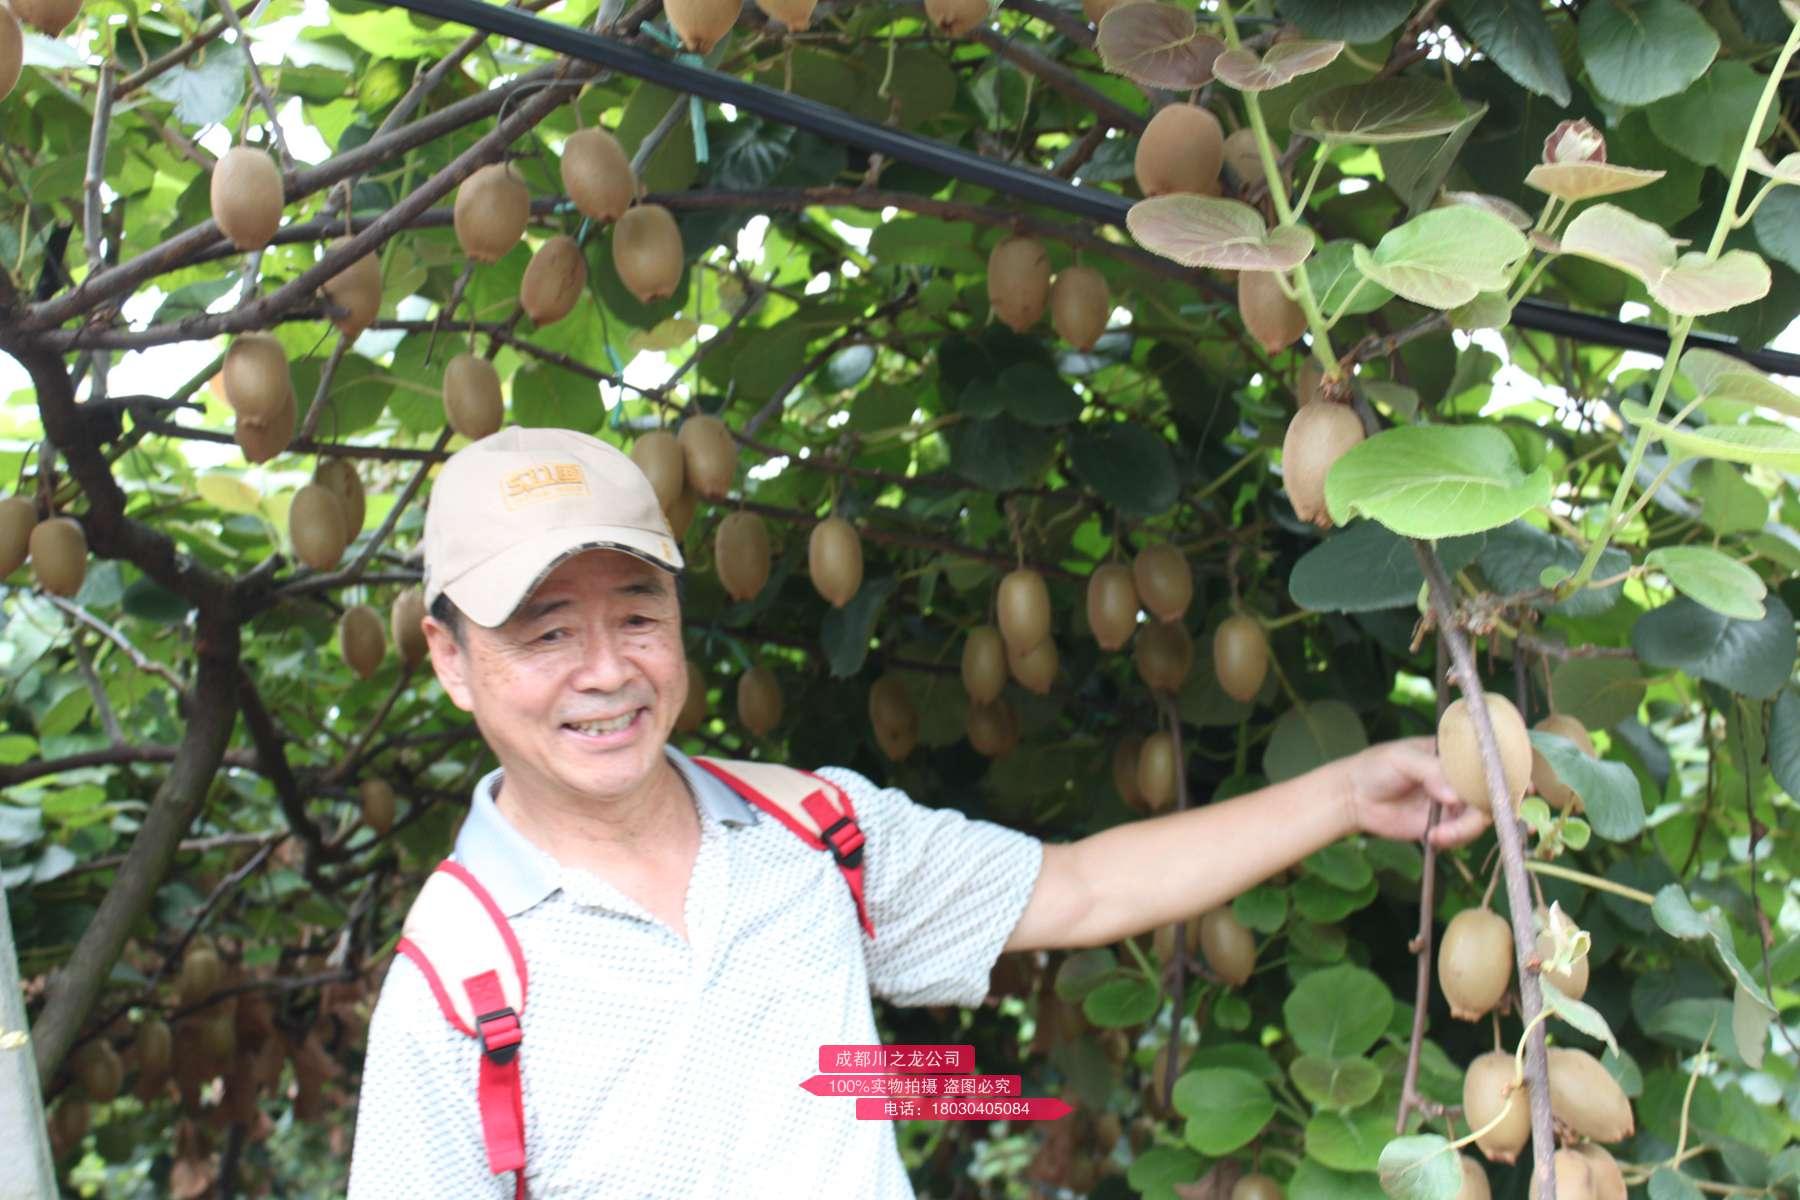 新西兰佳沛公司一直宣传阳光金果的独特美丽与文化